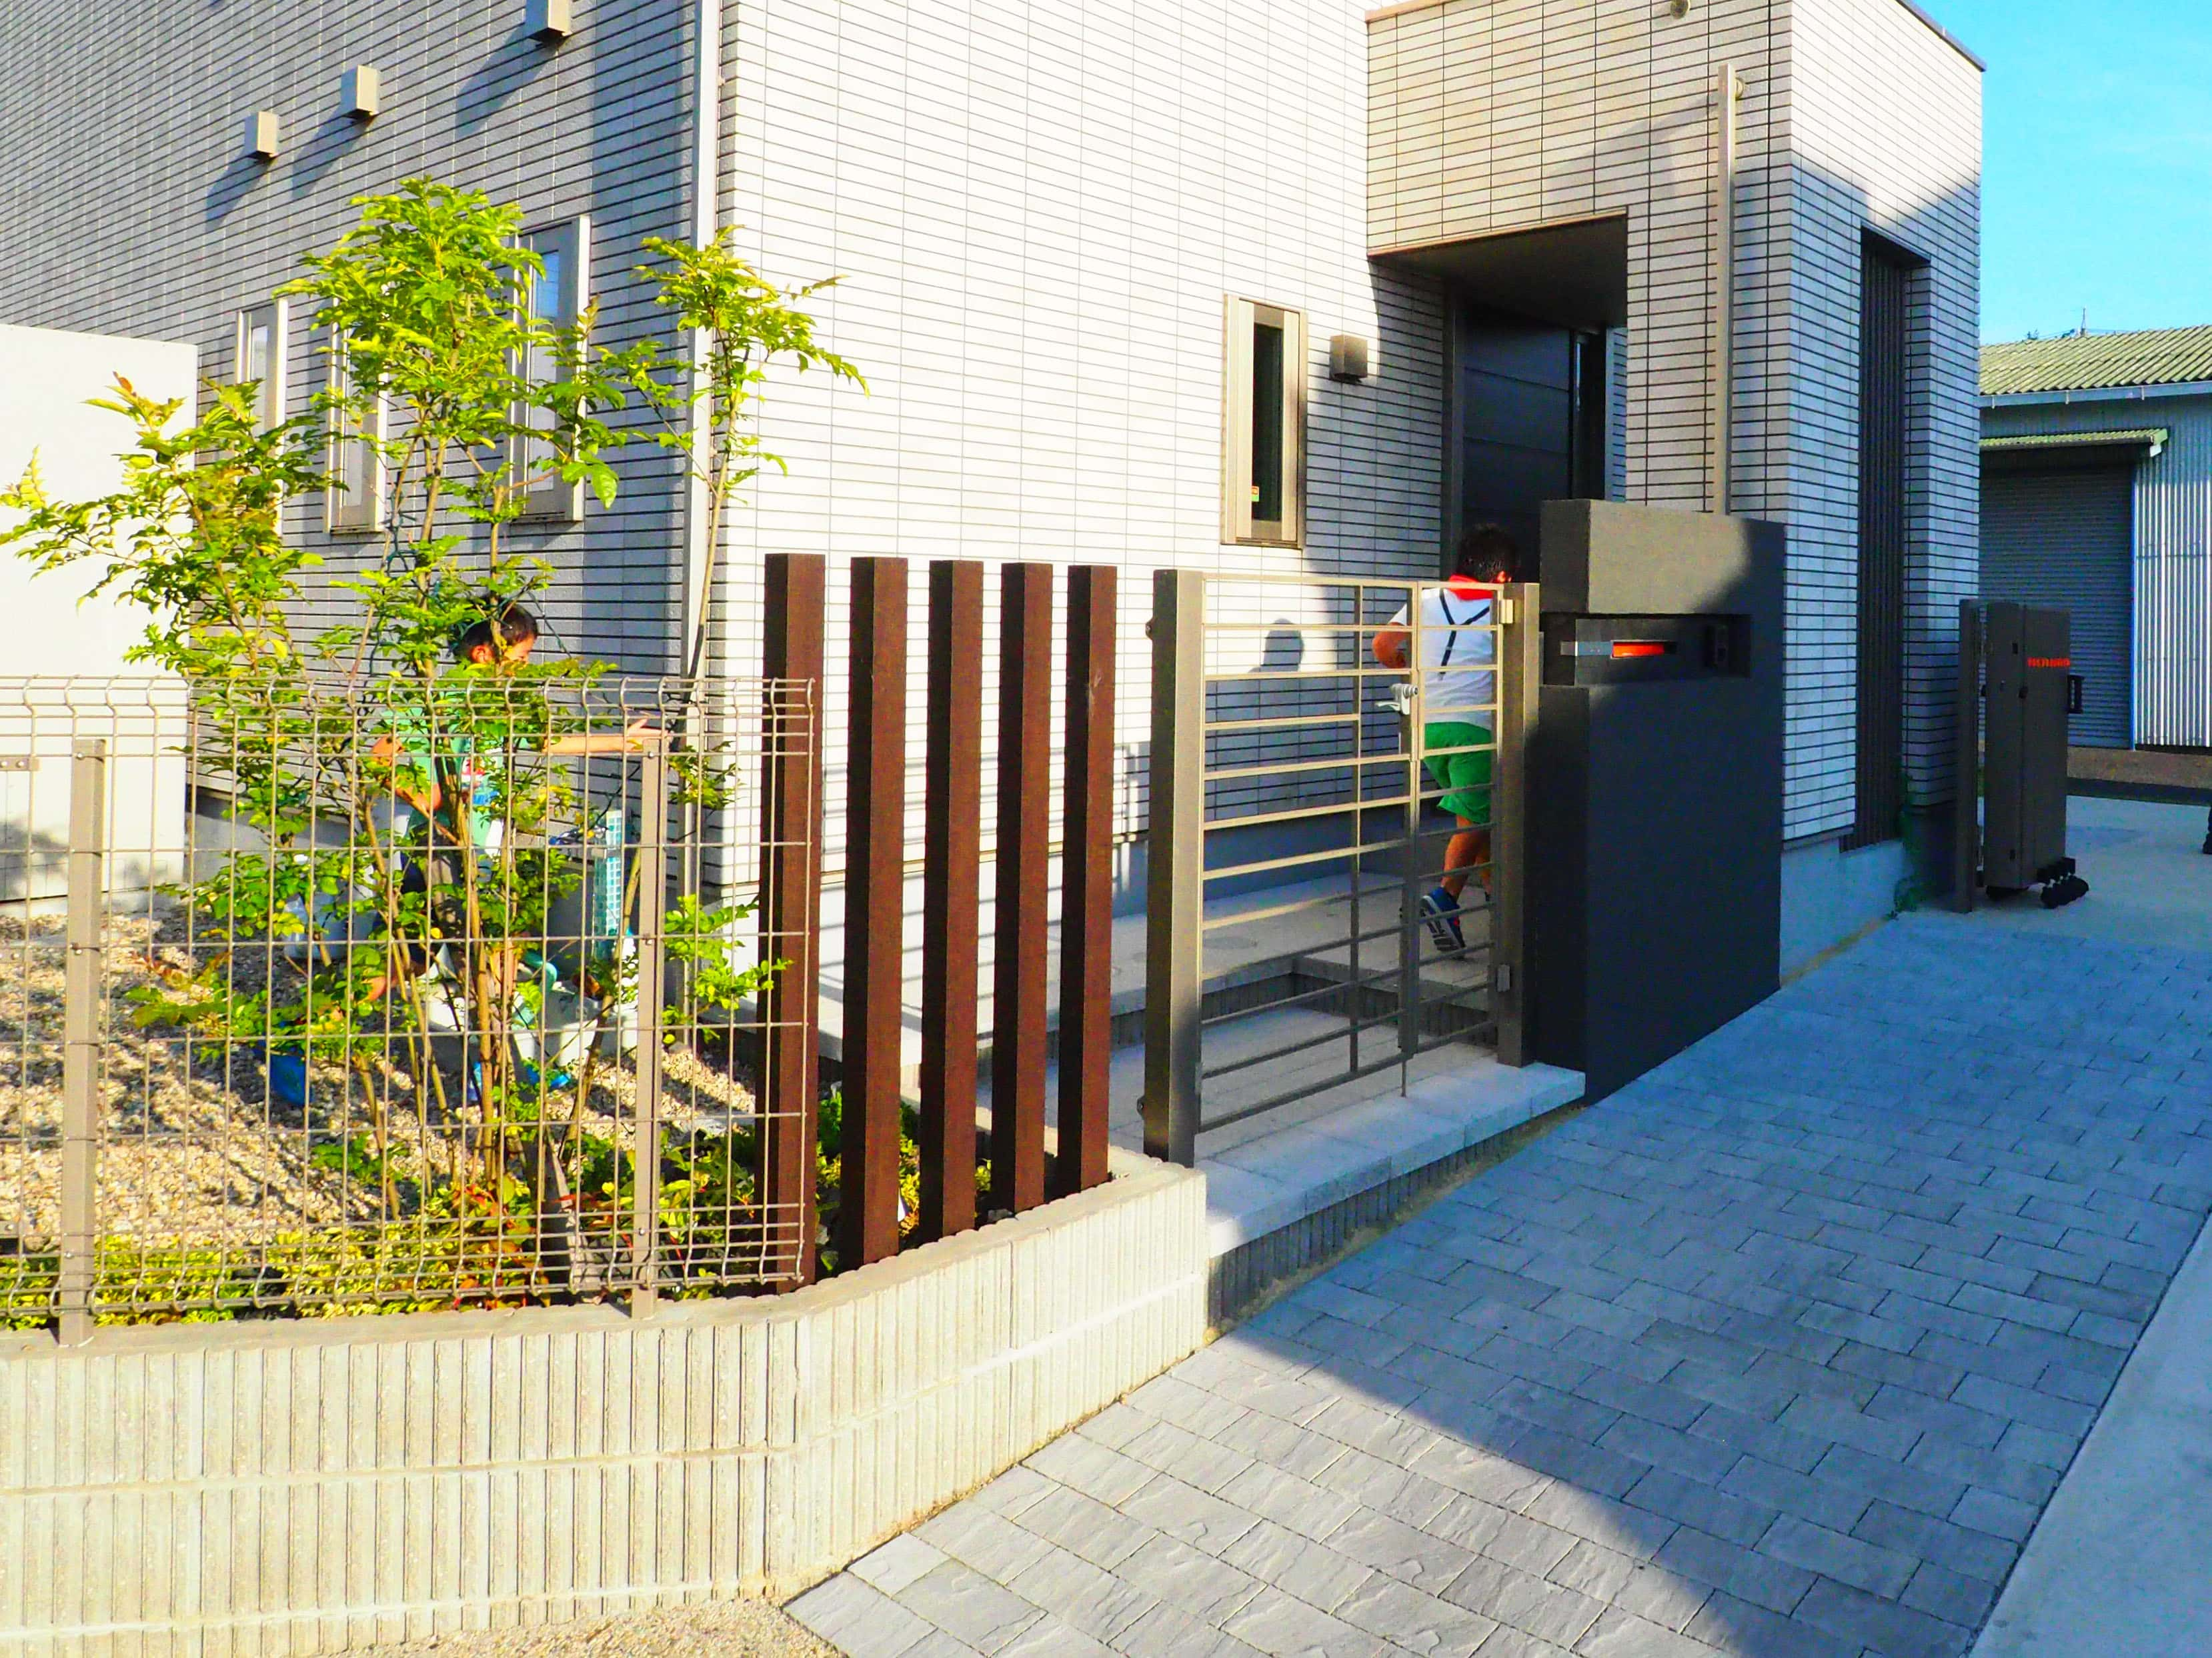 kitanagoyasi_m_voice2 こだわりポイントを考慮して要望に的確なプランと価格でした。北名古屋市/M様